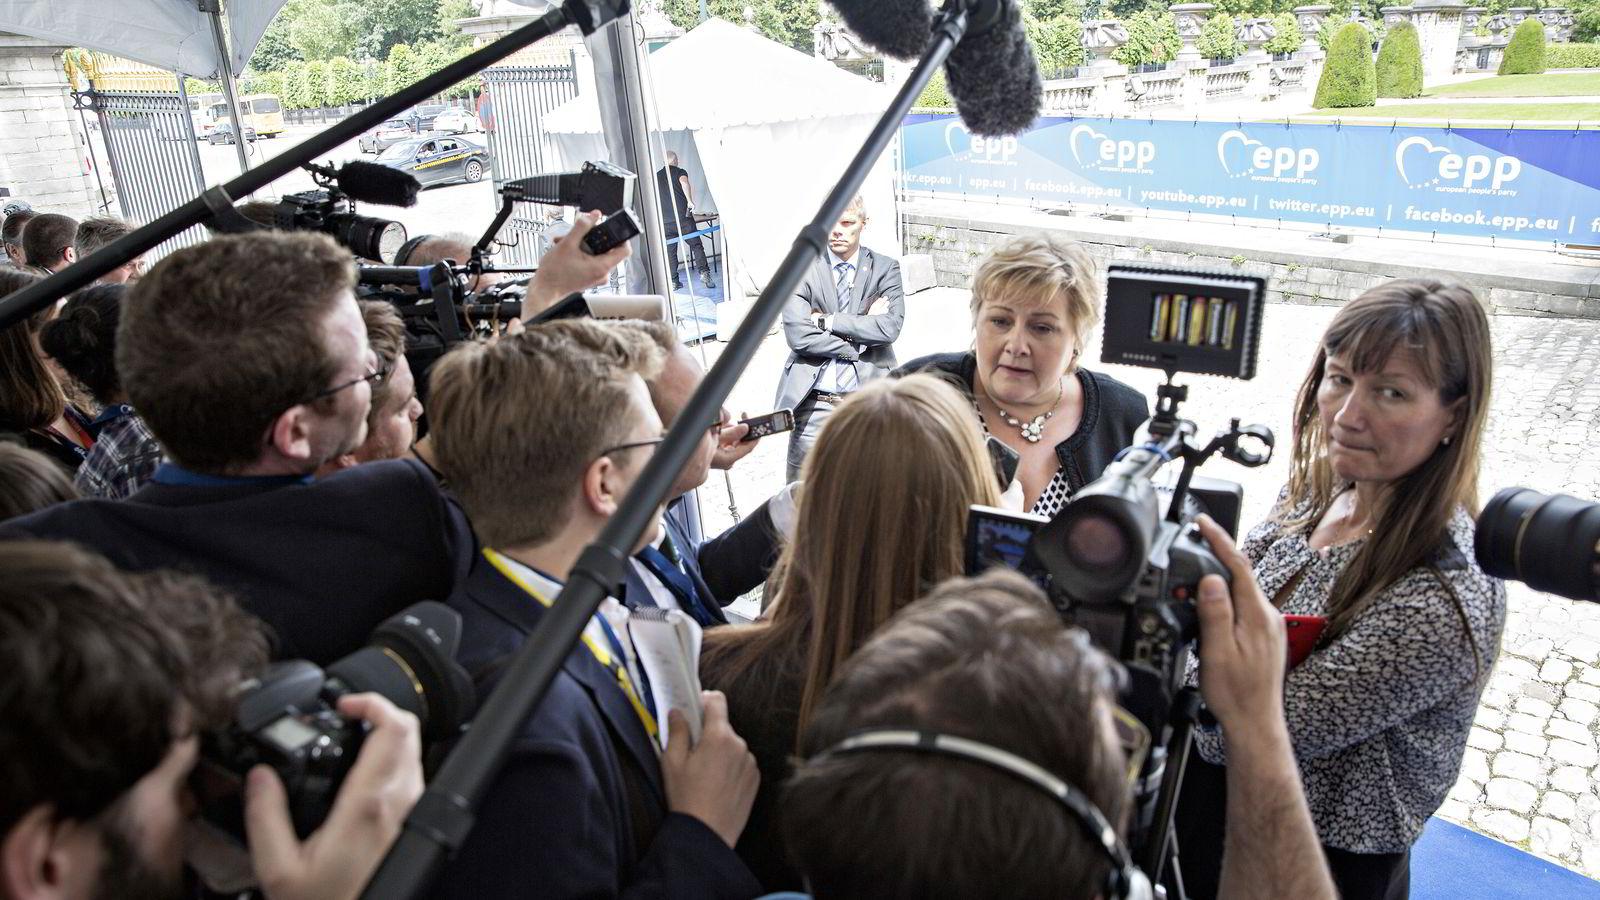 Majoriteten av nordmenn følger relativt godt med på nyheter om politikk, økonomi eller samfunnsforhold. Statsminister Erna Solberg deltok i møtet til European People's Party (EPP) i Brussel i Belgia i slutten av juni. Foto: Aleksander Nordahl